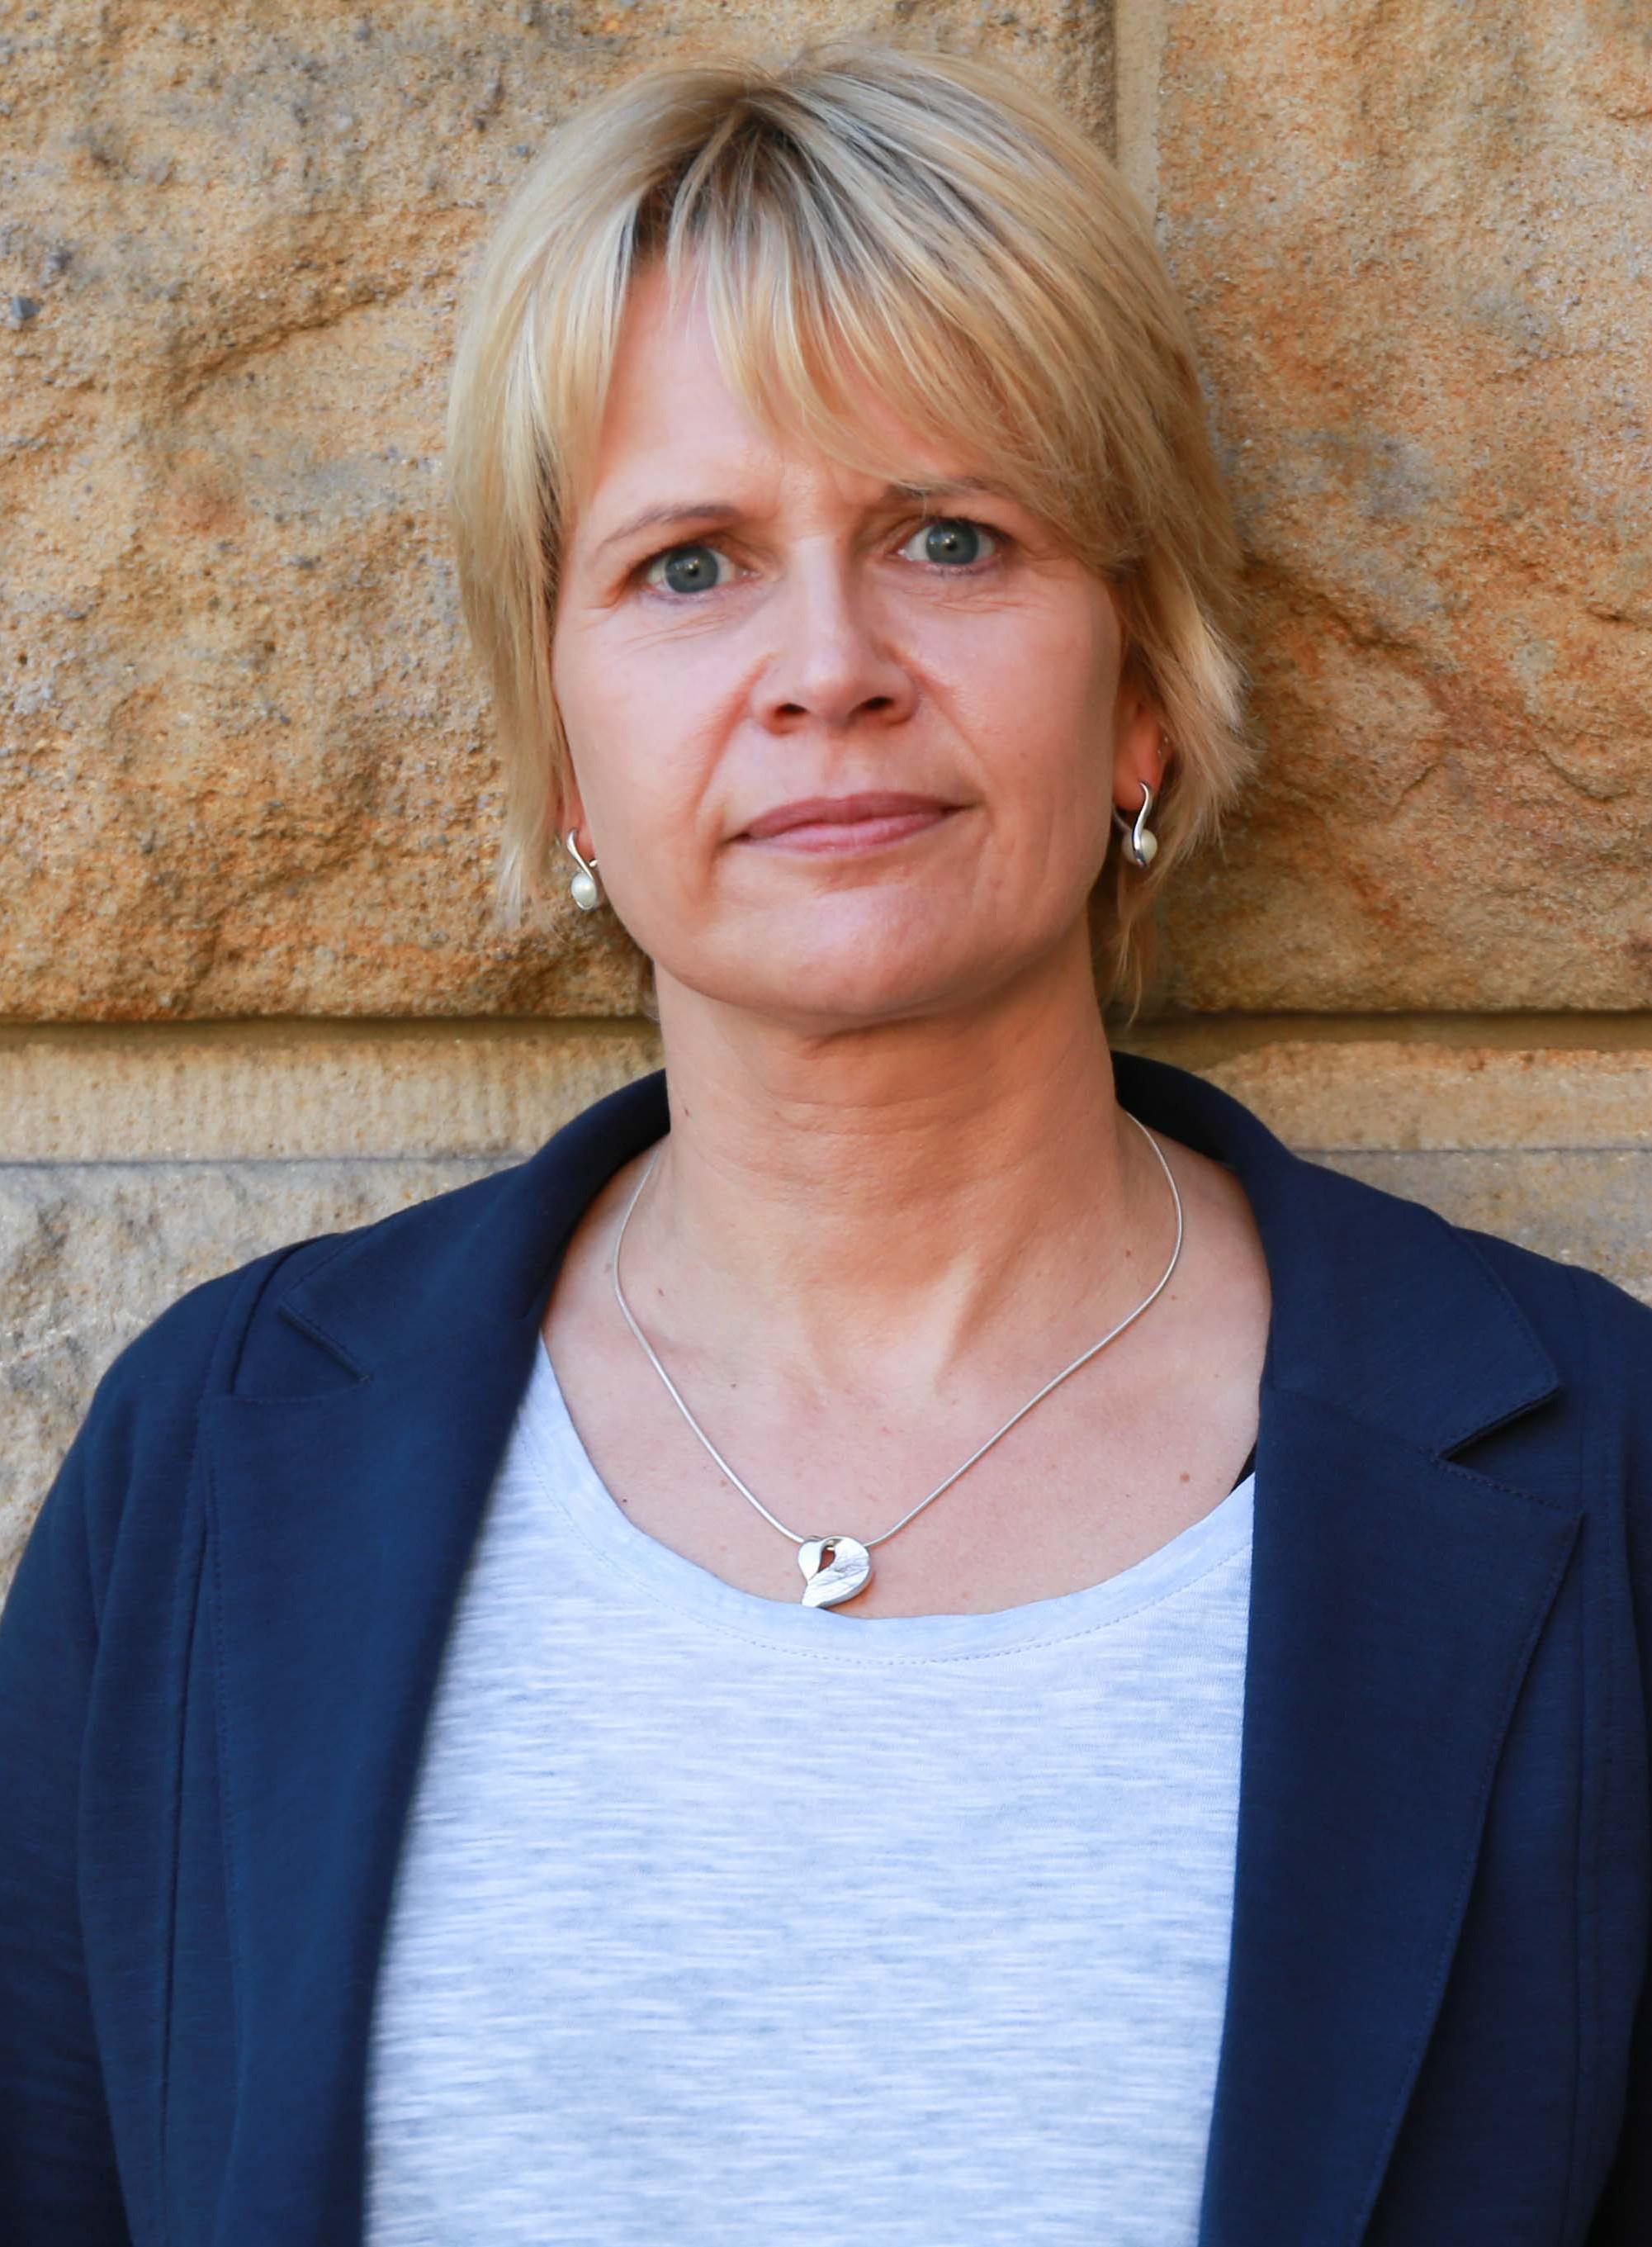 Maria Schulte